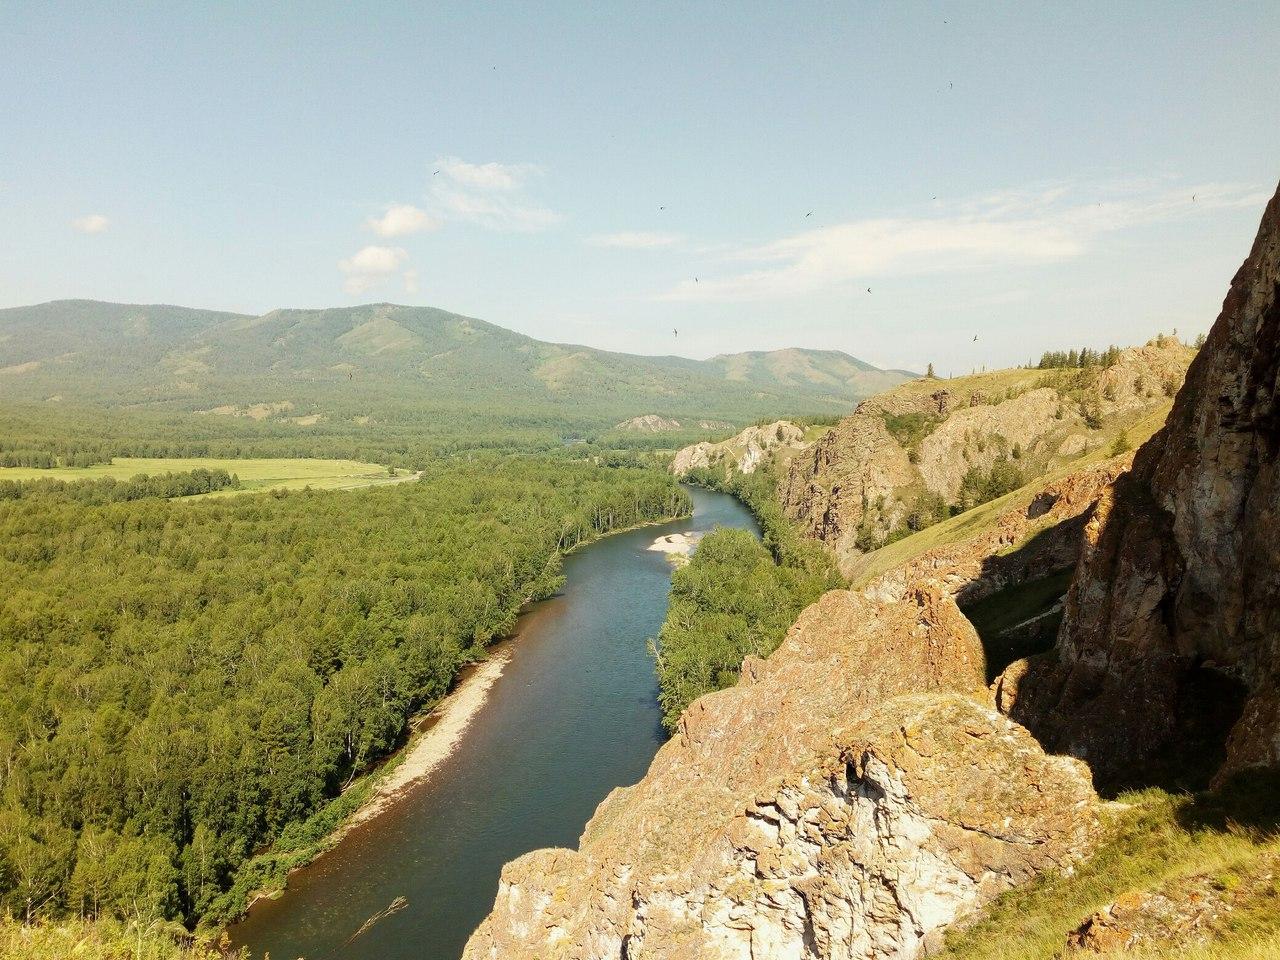 Вид на реку Белый Июс (Республика Хакасия). Блиц: с высоты